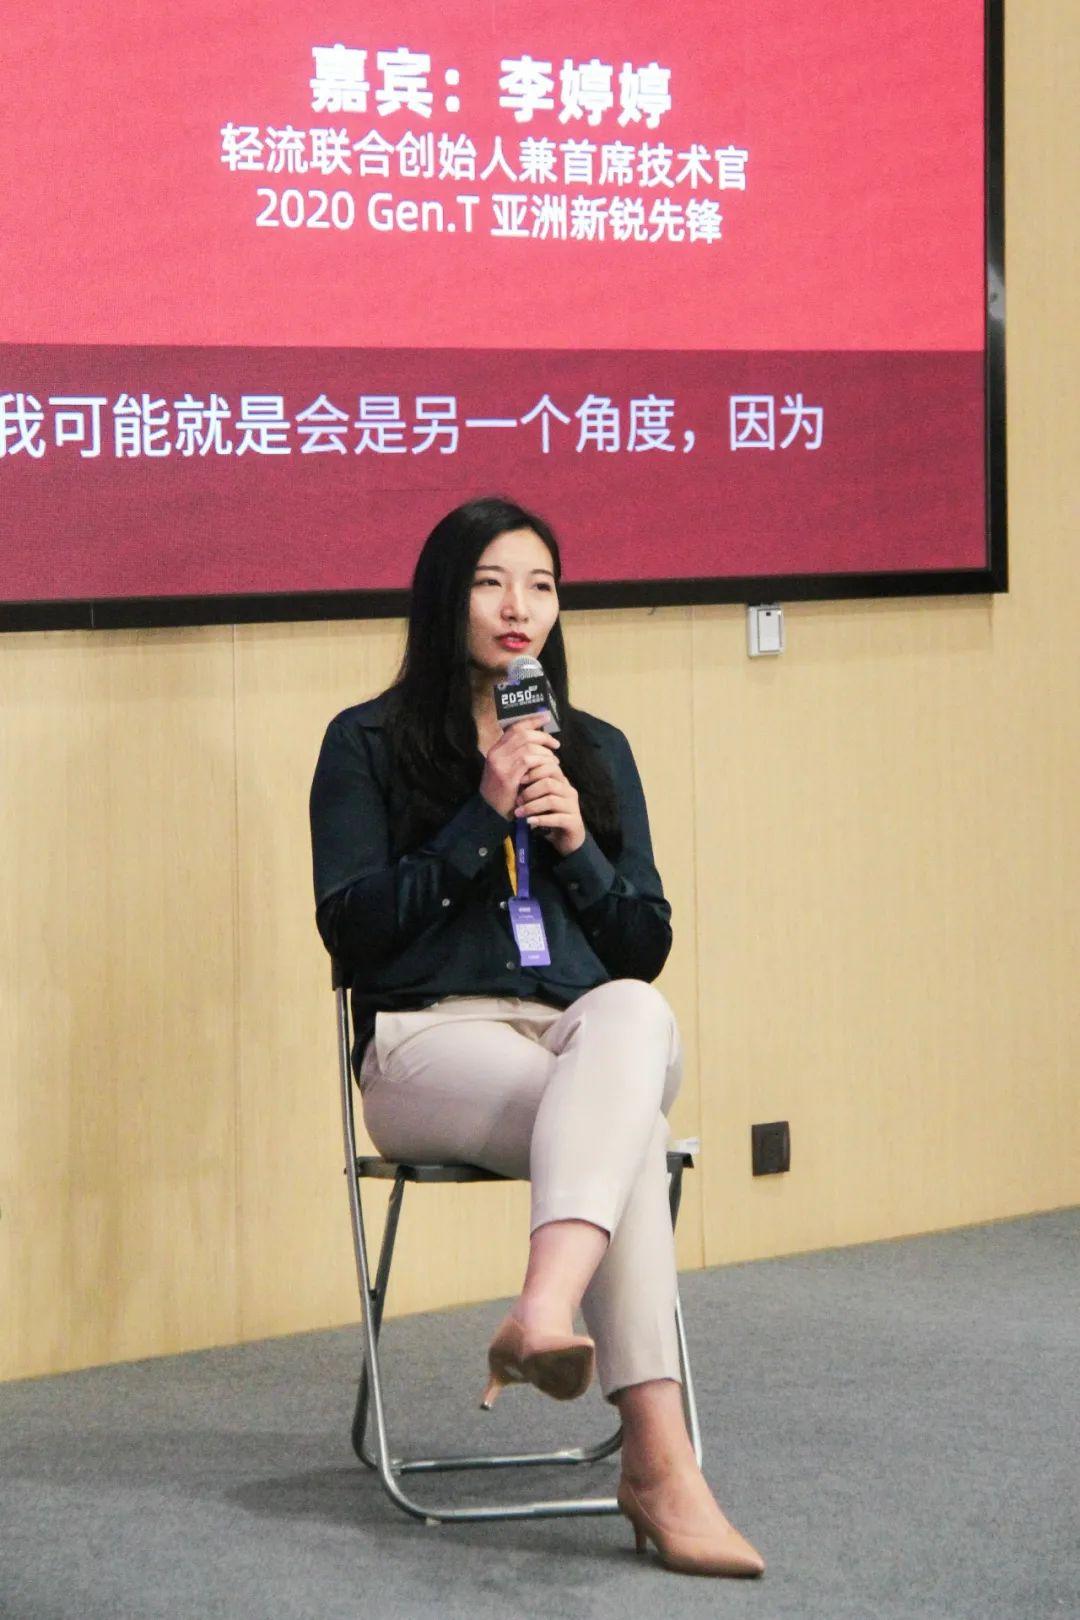 2050大会·科技女性论坛回顾:科技女性创变者的自定义